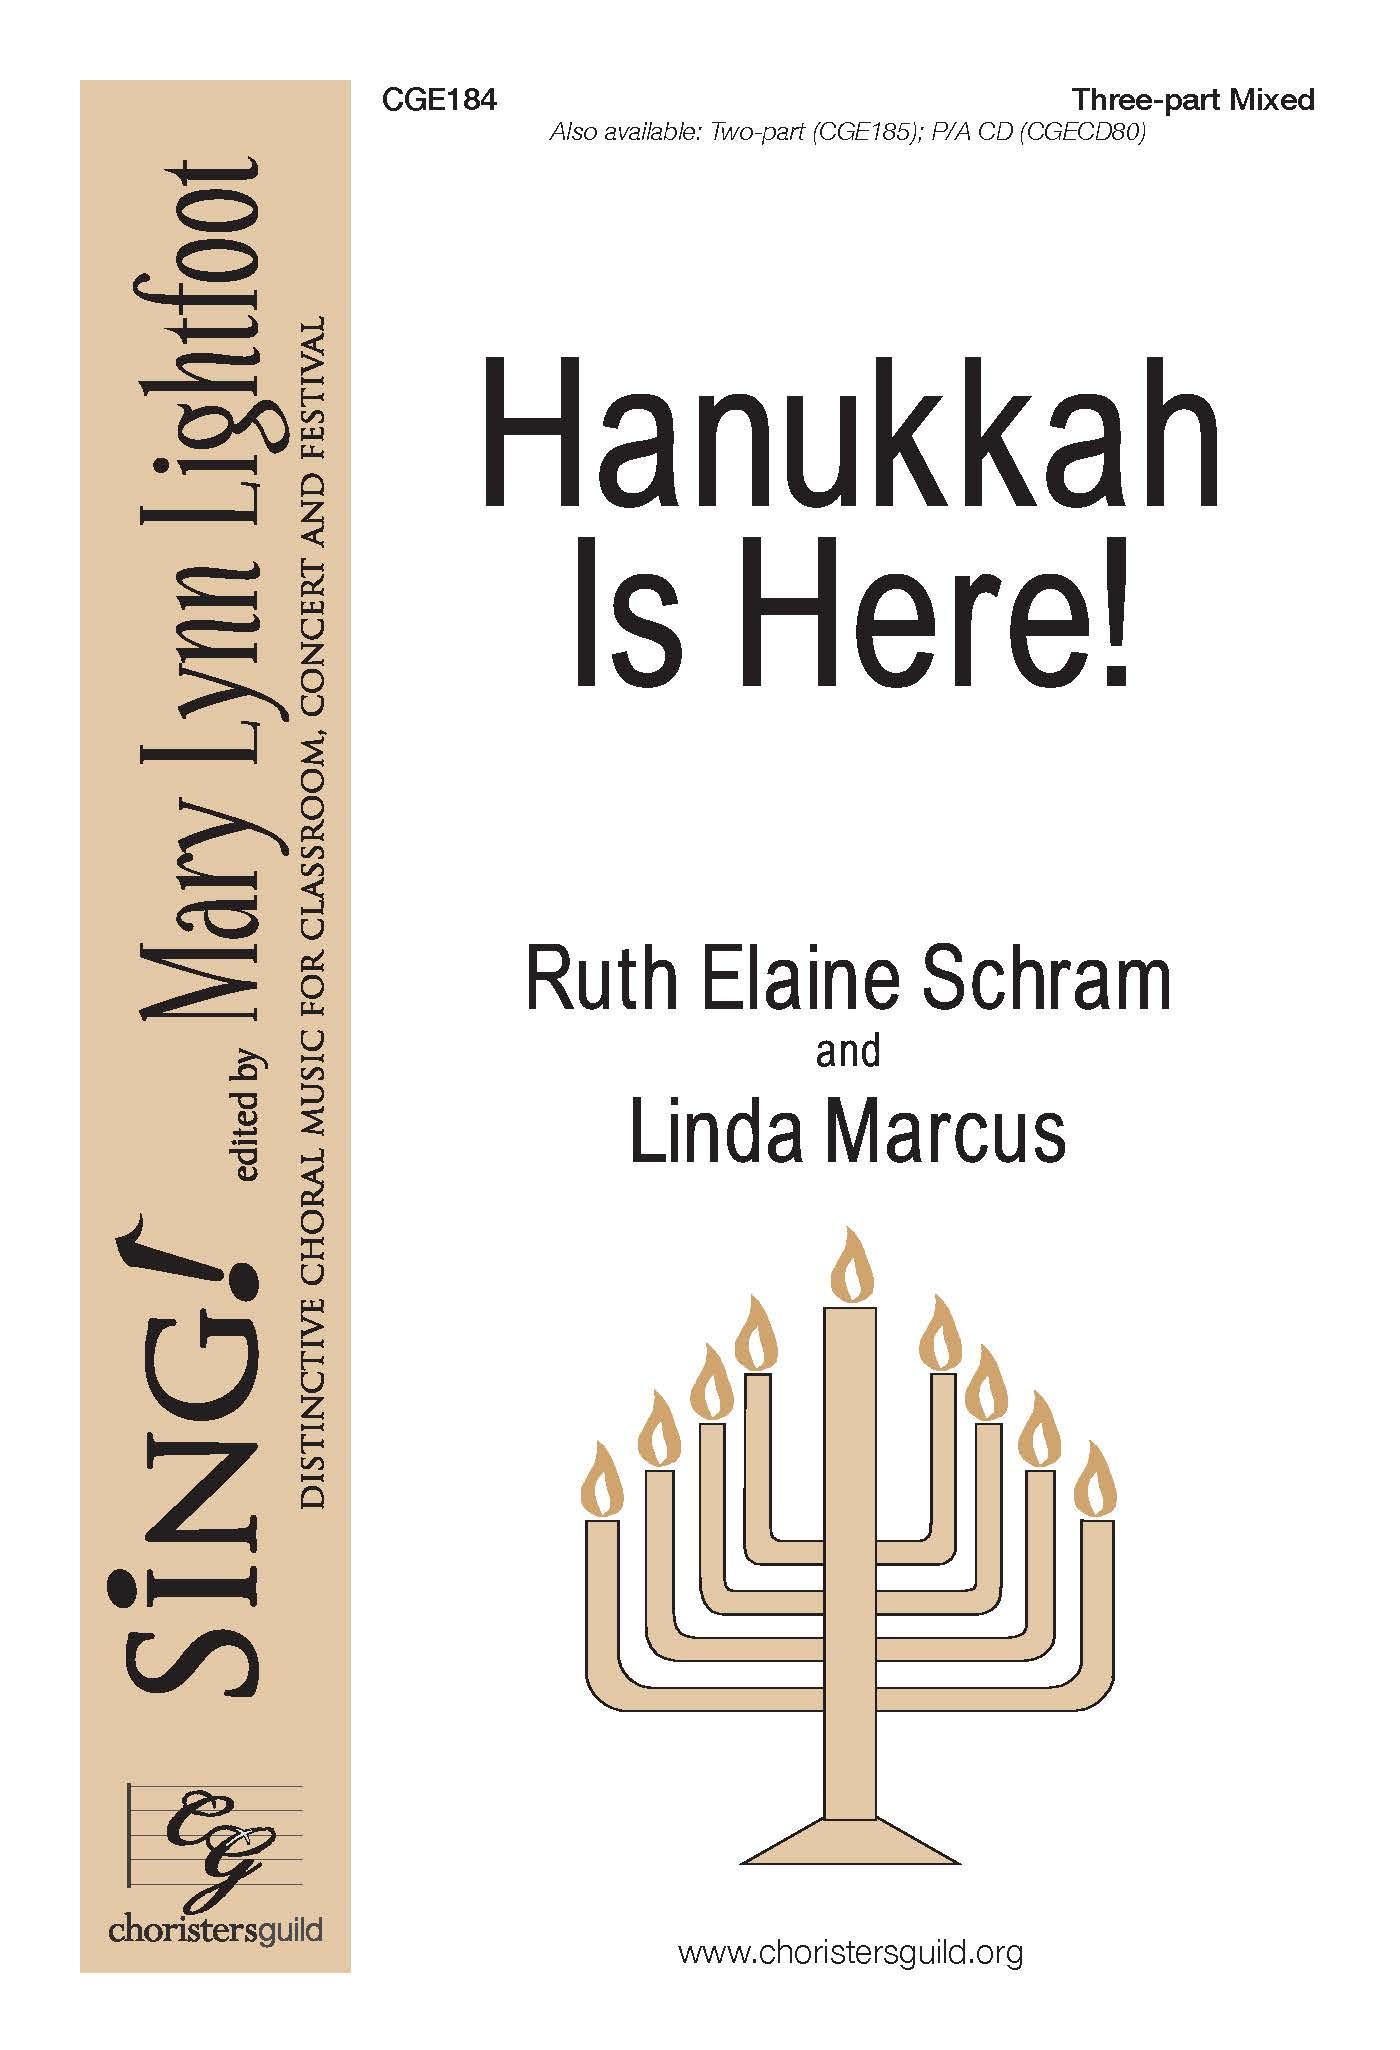 Hanukkah is Here! Three-part Mixed